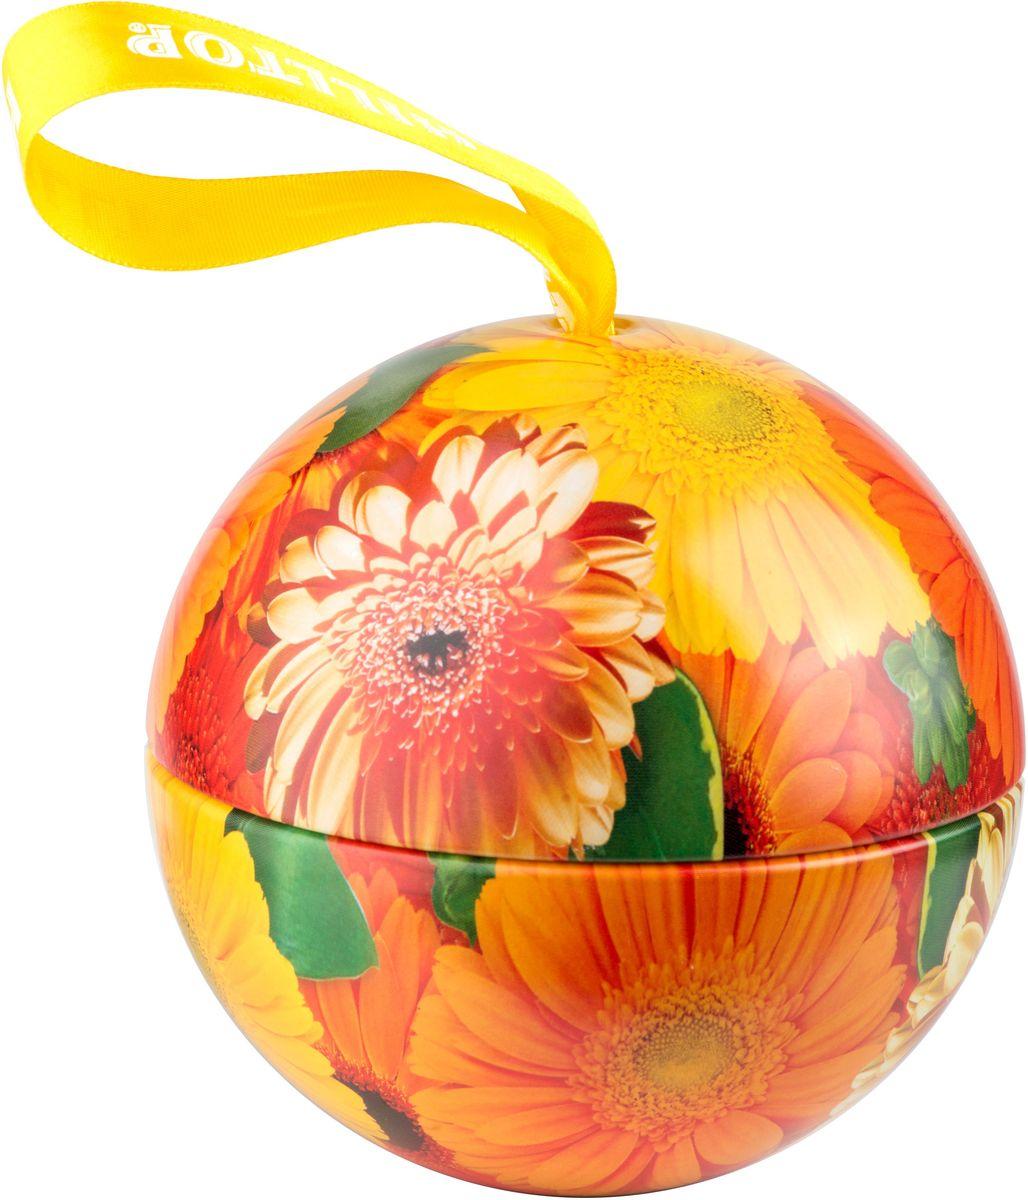 Hilltop Солнечные цветы. Цитрусовая фантазия черный листовой чай, 80 г4607099306394Hilltop Солнечные цветы. Цитрусовая фантазия– черный чай с благоухающим ароматом апельсинового масла, дополненного календулой и васильком в сочетании с тонкими нотами лемонграсса и шиповника. Такой чай станет отличным подарком для друзей и близких.Всё о чае: сорта, факты, советы по выбору и употреблению. Статья OZON Гид